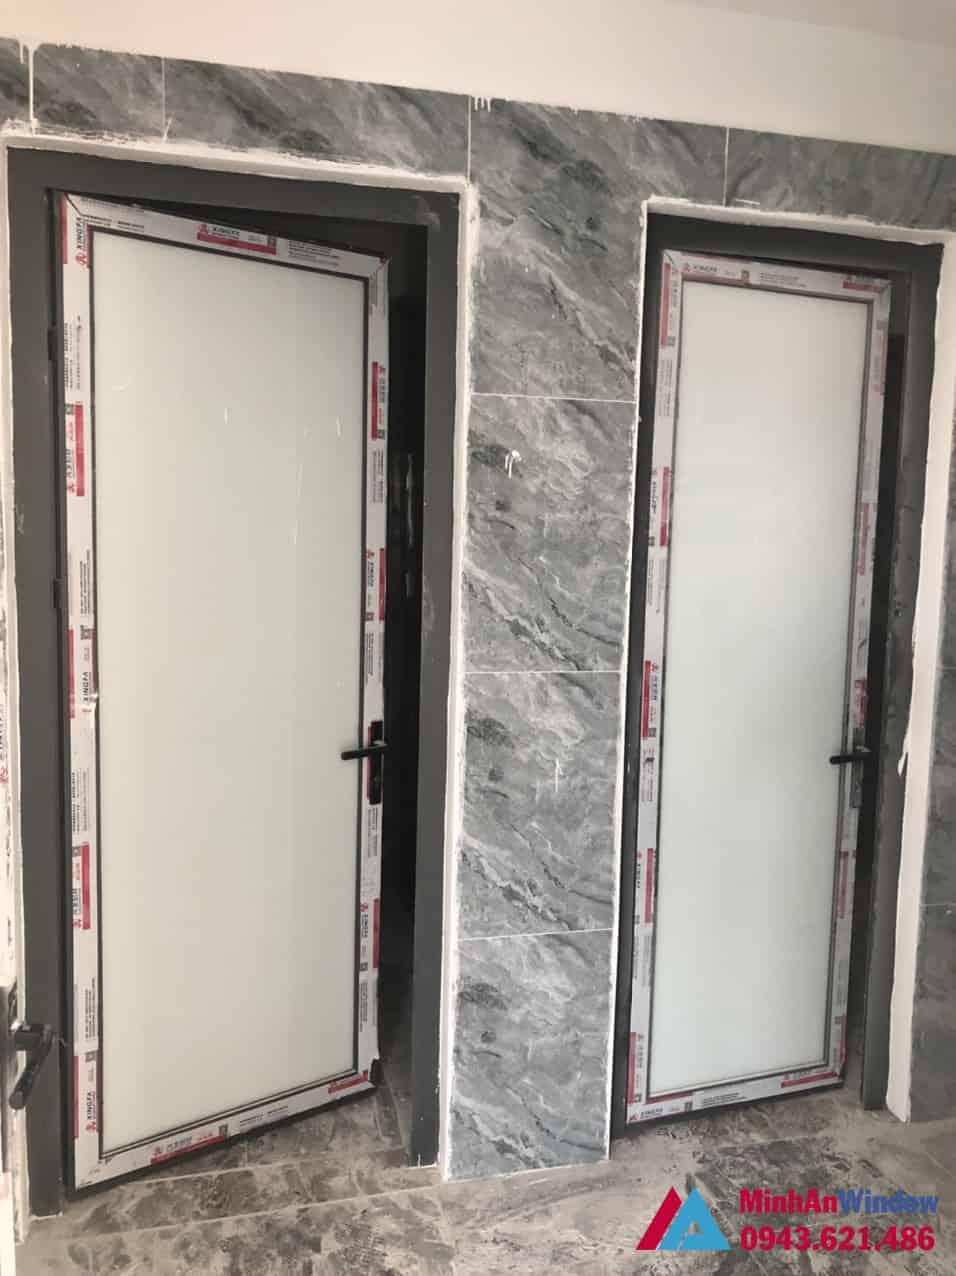 Cửa nhôm kính 1 cánh - Minh An Window thiết kế và thi công